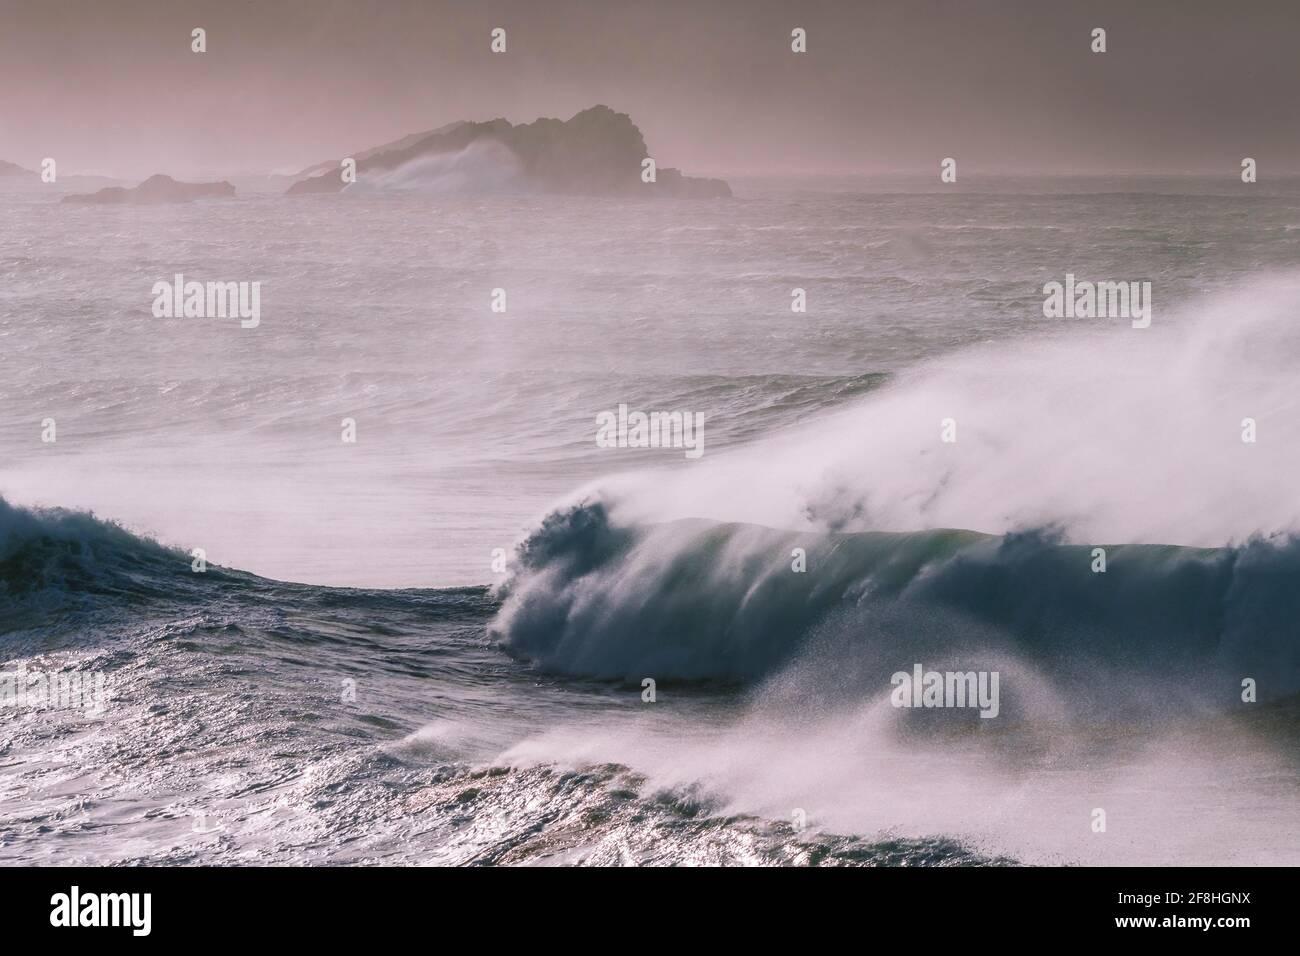 Des projections ont été soufflées par de forts vents au large de la baie Fistral, à Newquay, en Cornwall. Banque D'Images